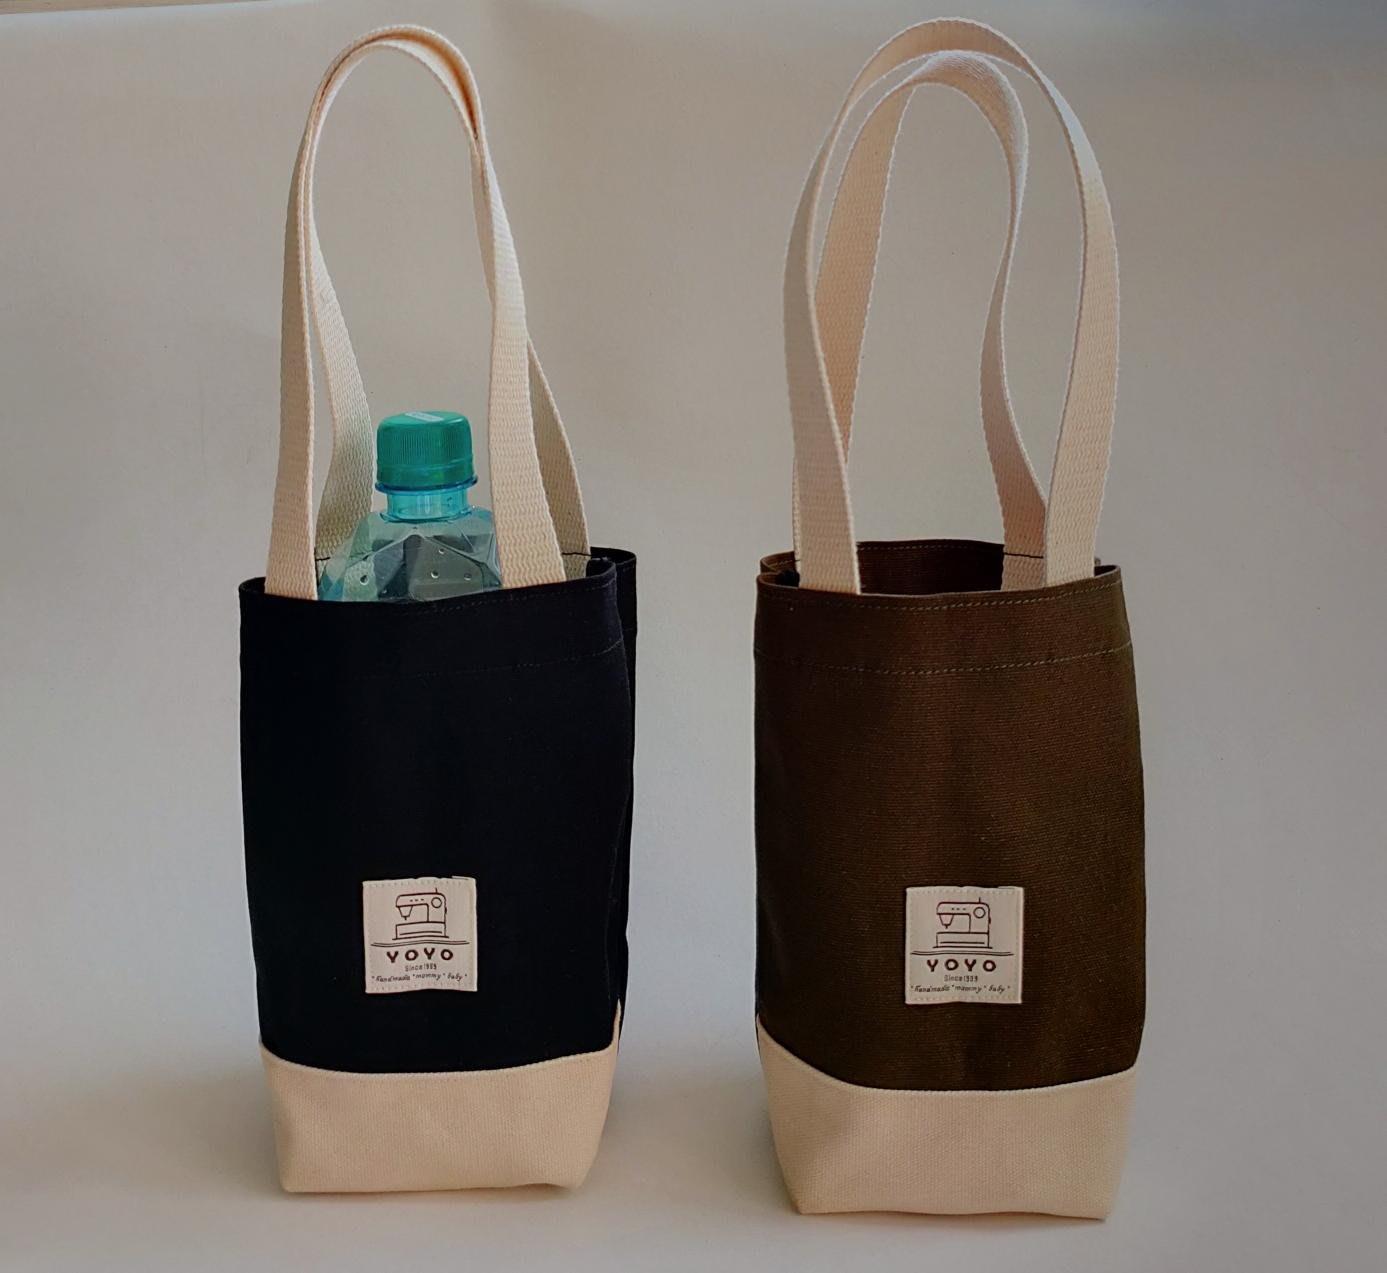 (正妹的店)簡約拼色文青帆布防水飲料袋 保温瓶袋 手提袋